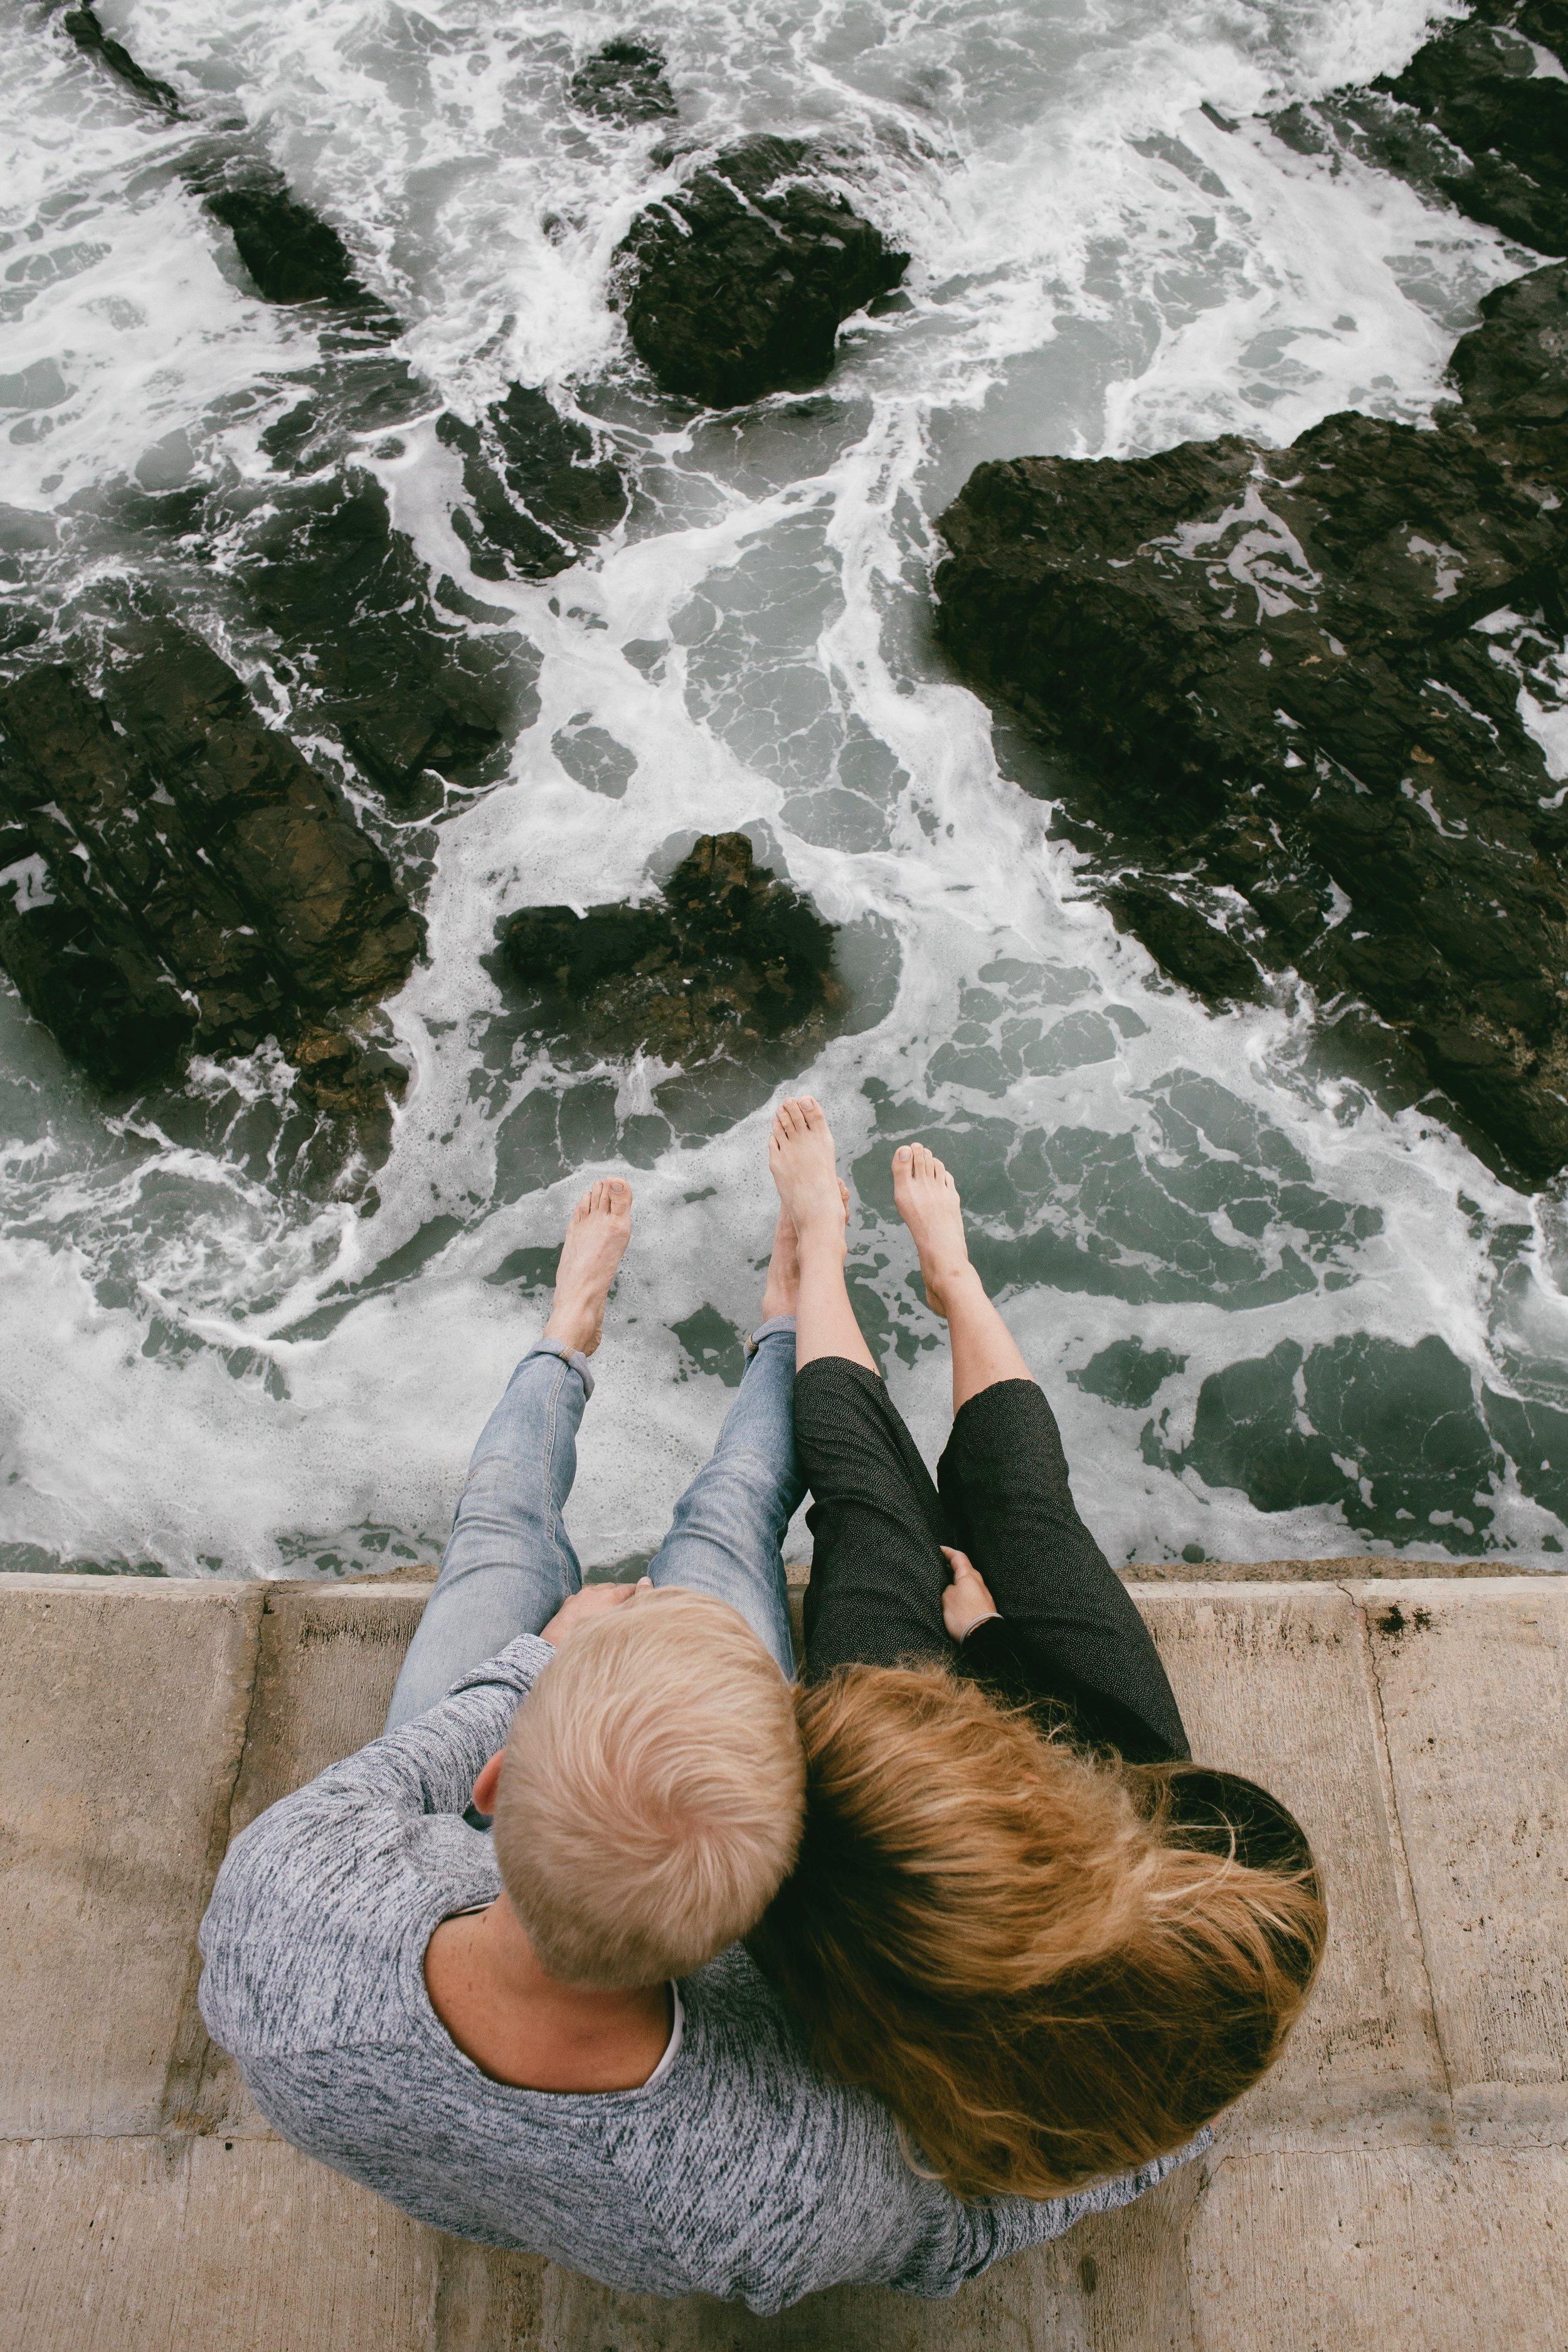 Vibra con la energía que quieres recibir - Si tu energía vital vibra en aceptación, amor y comprensión, la de tu pareja se sincronizará.